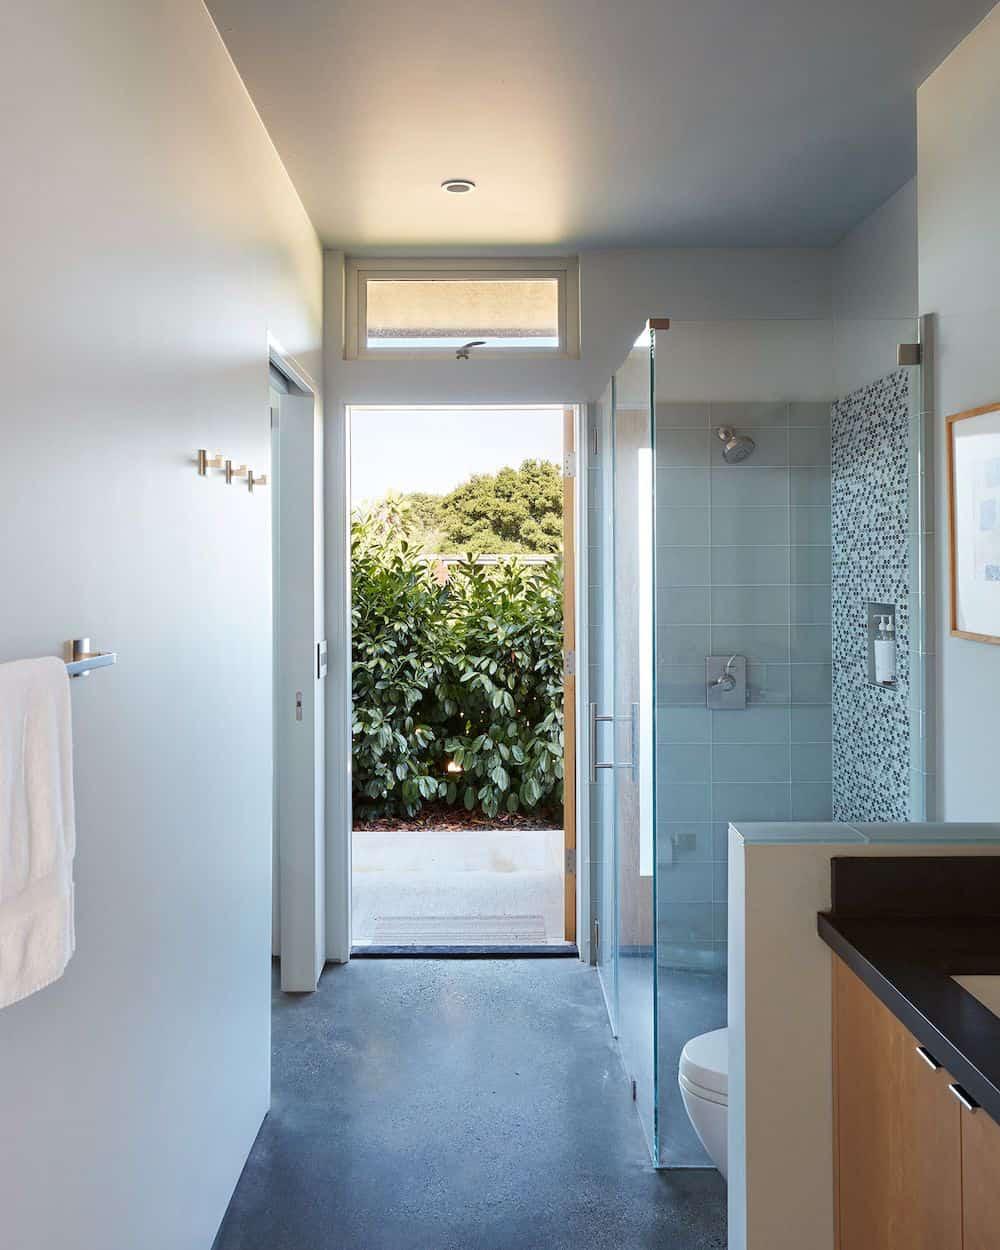 sredina stoljeća-bazen-gostinjska kuća-kupaonica